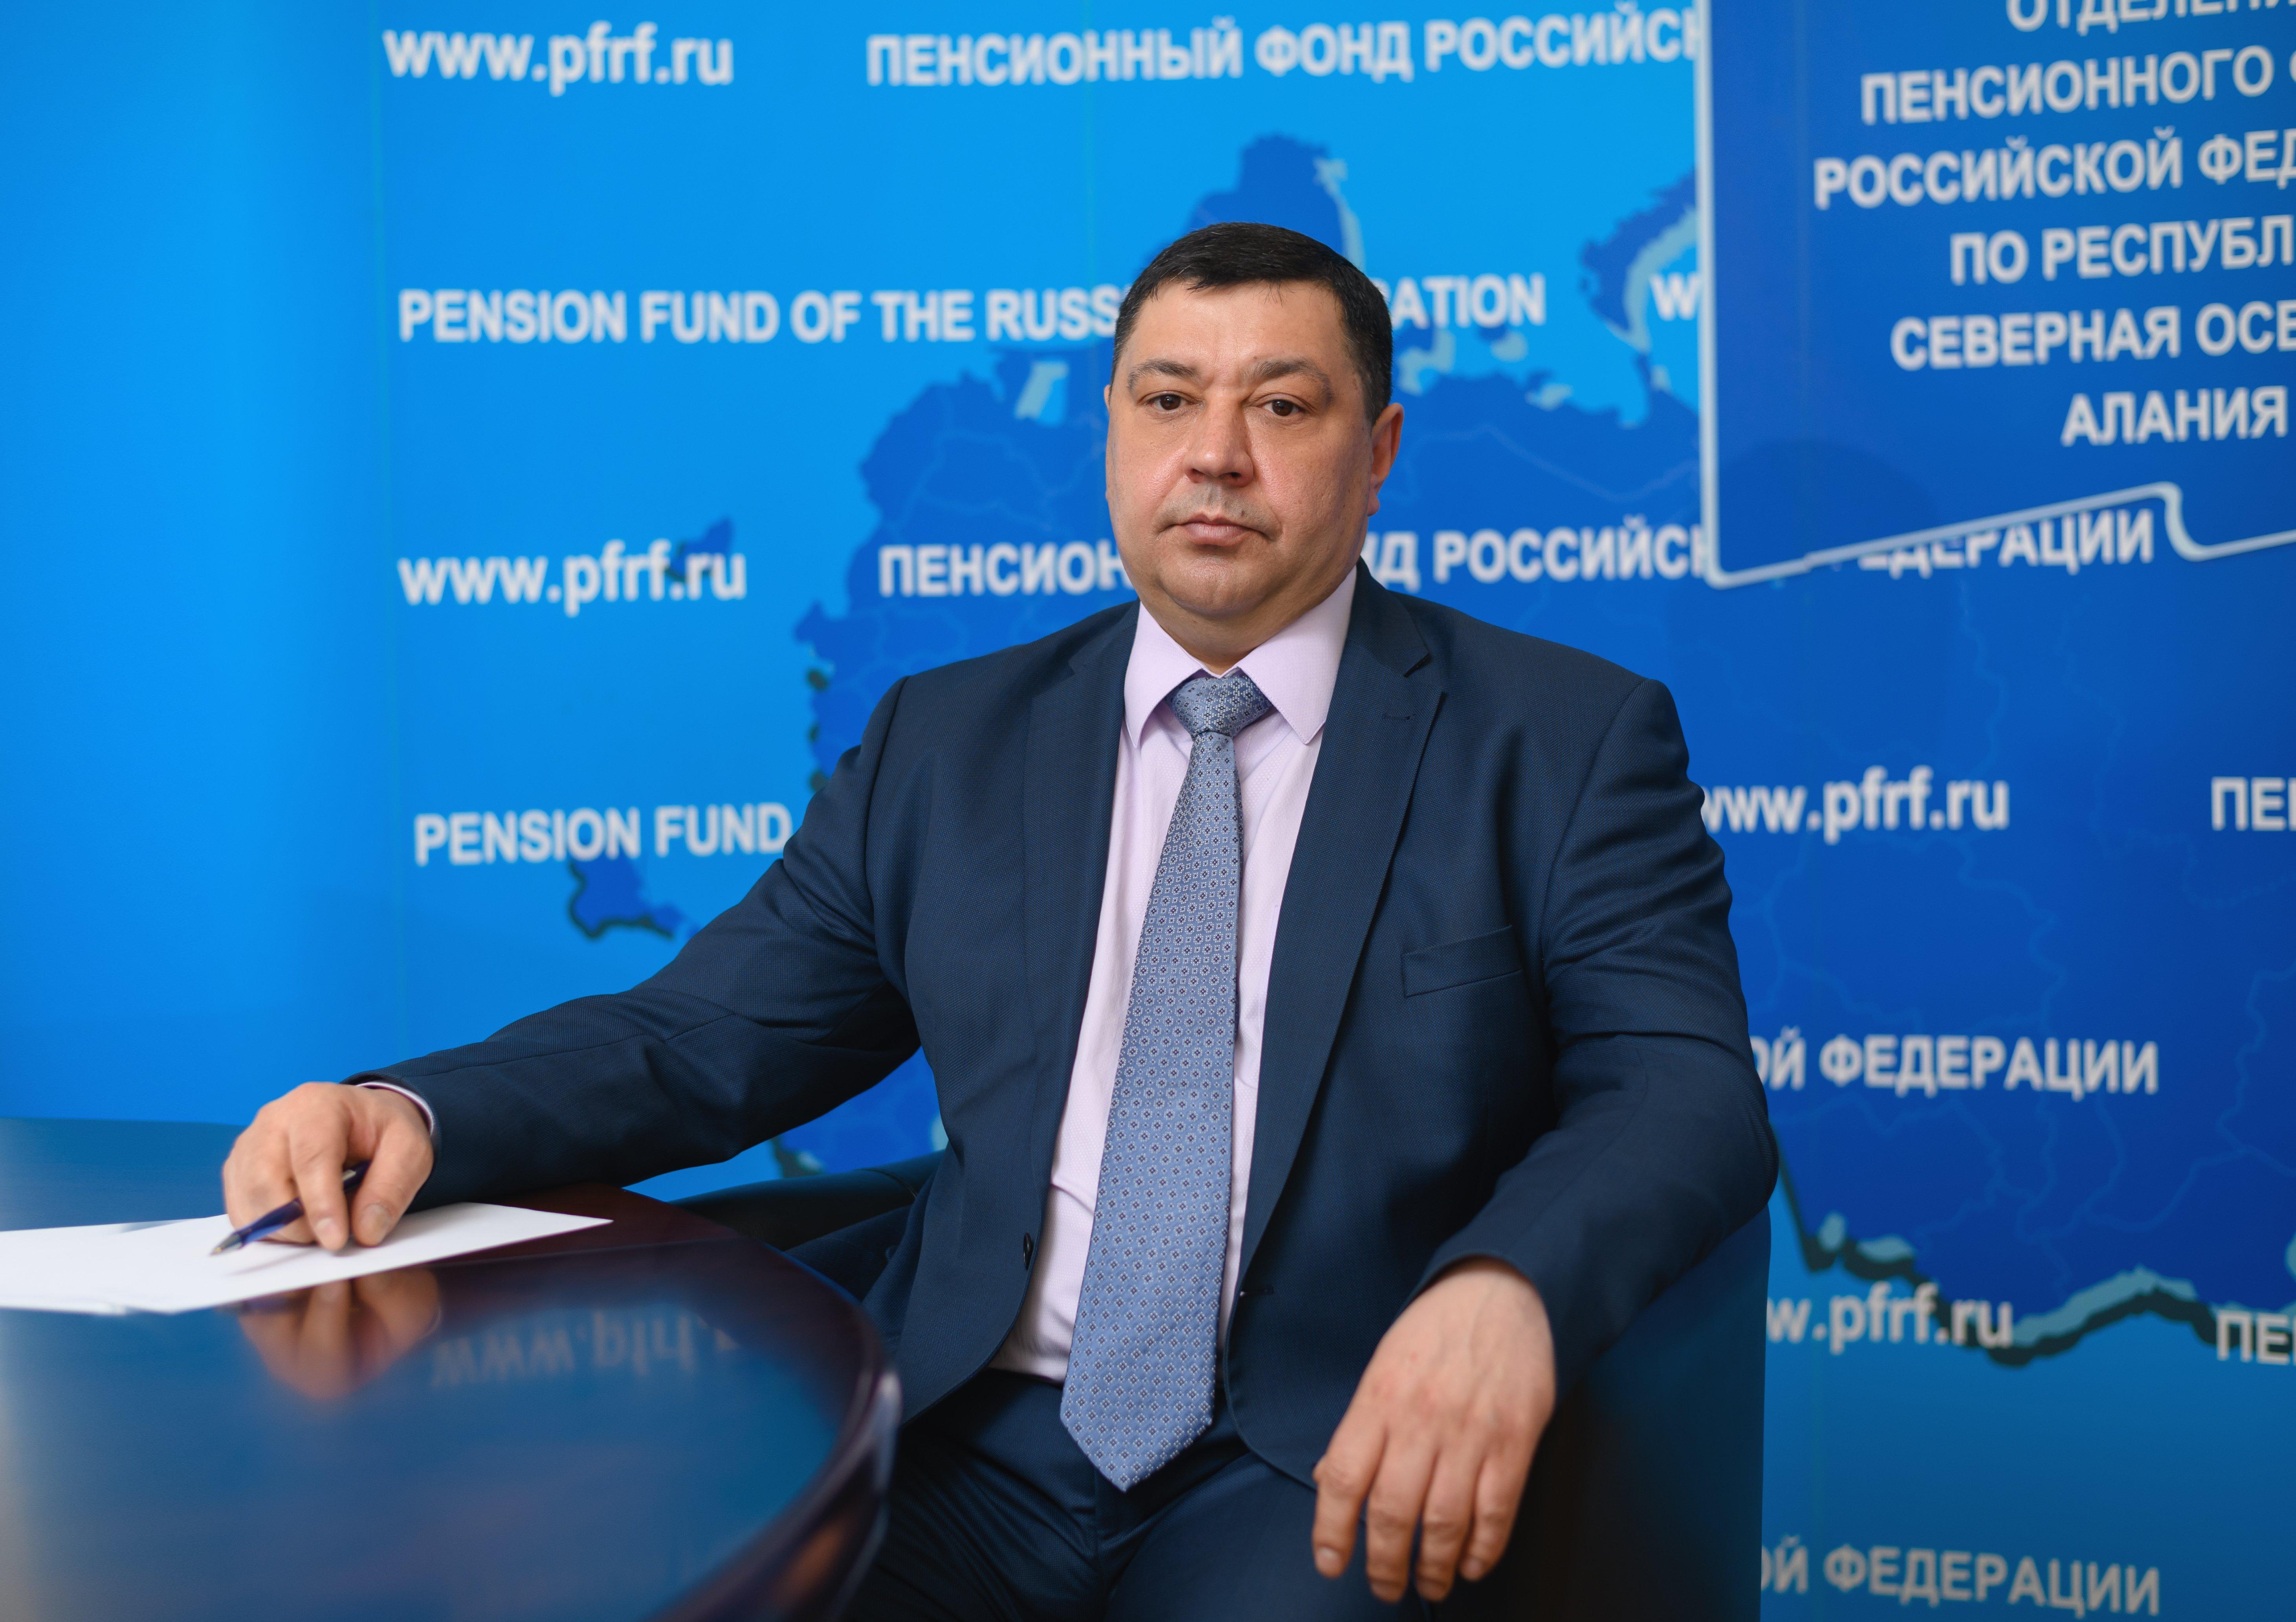 Заявление управляющего ОПФР по Северной Осетии Сергея Таболова